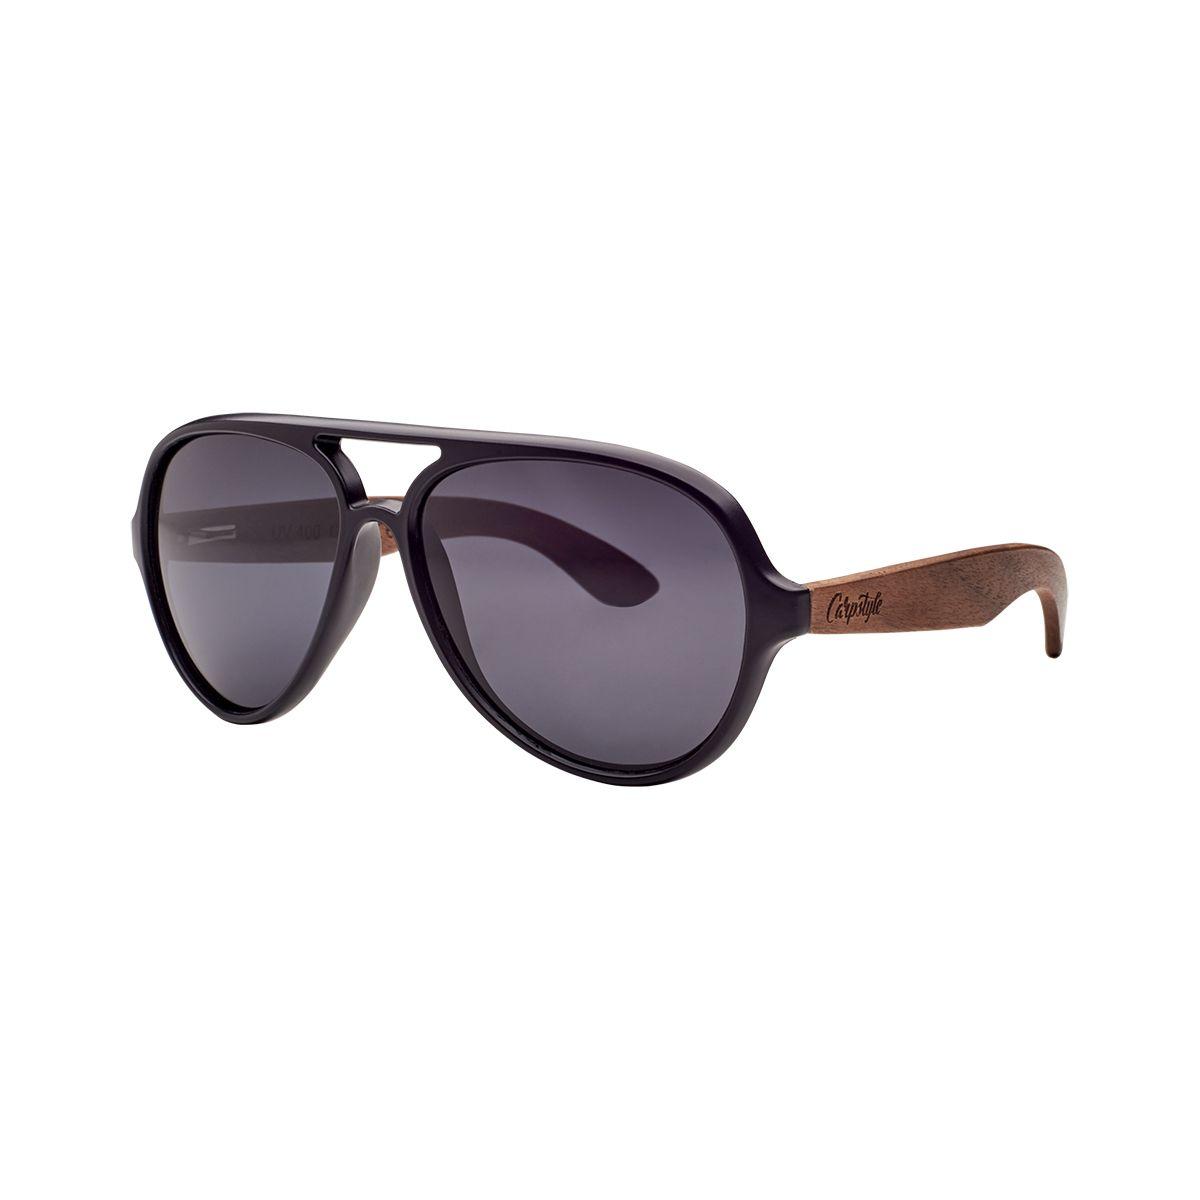 CARPSTYLE Sluneční Brýle Carpstyle Aviator Classic